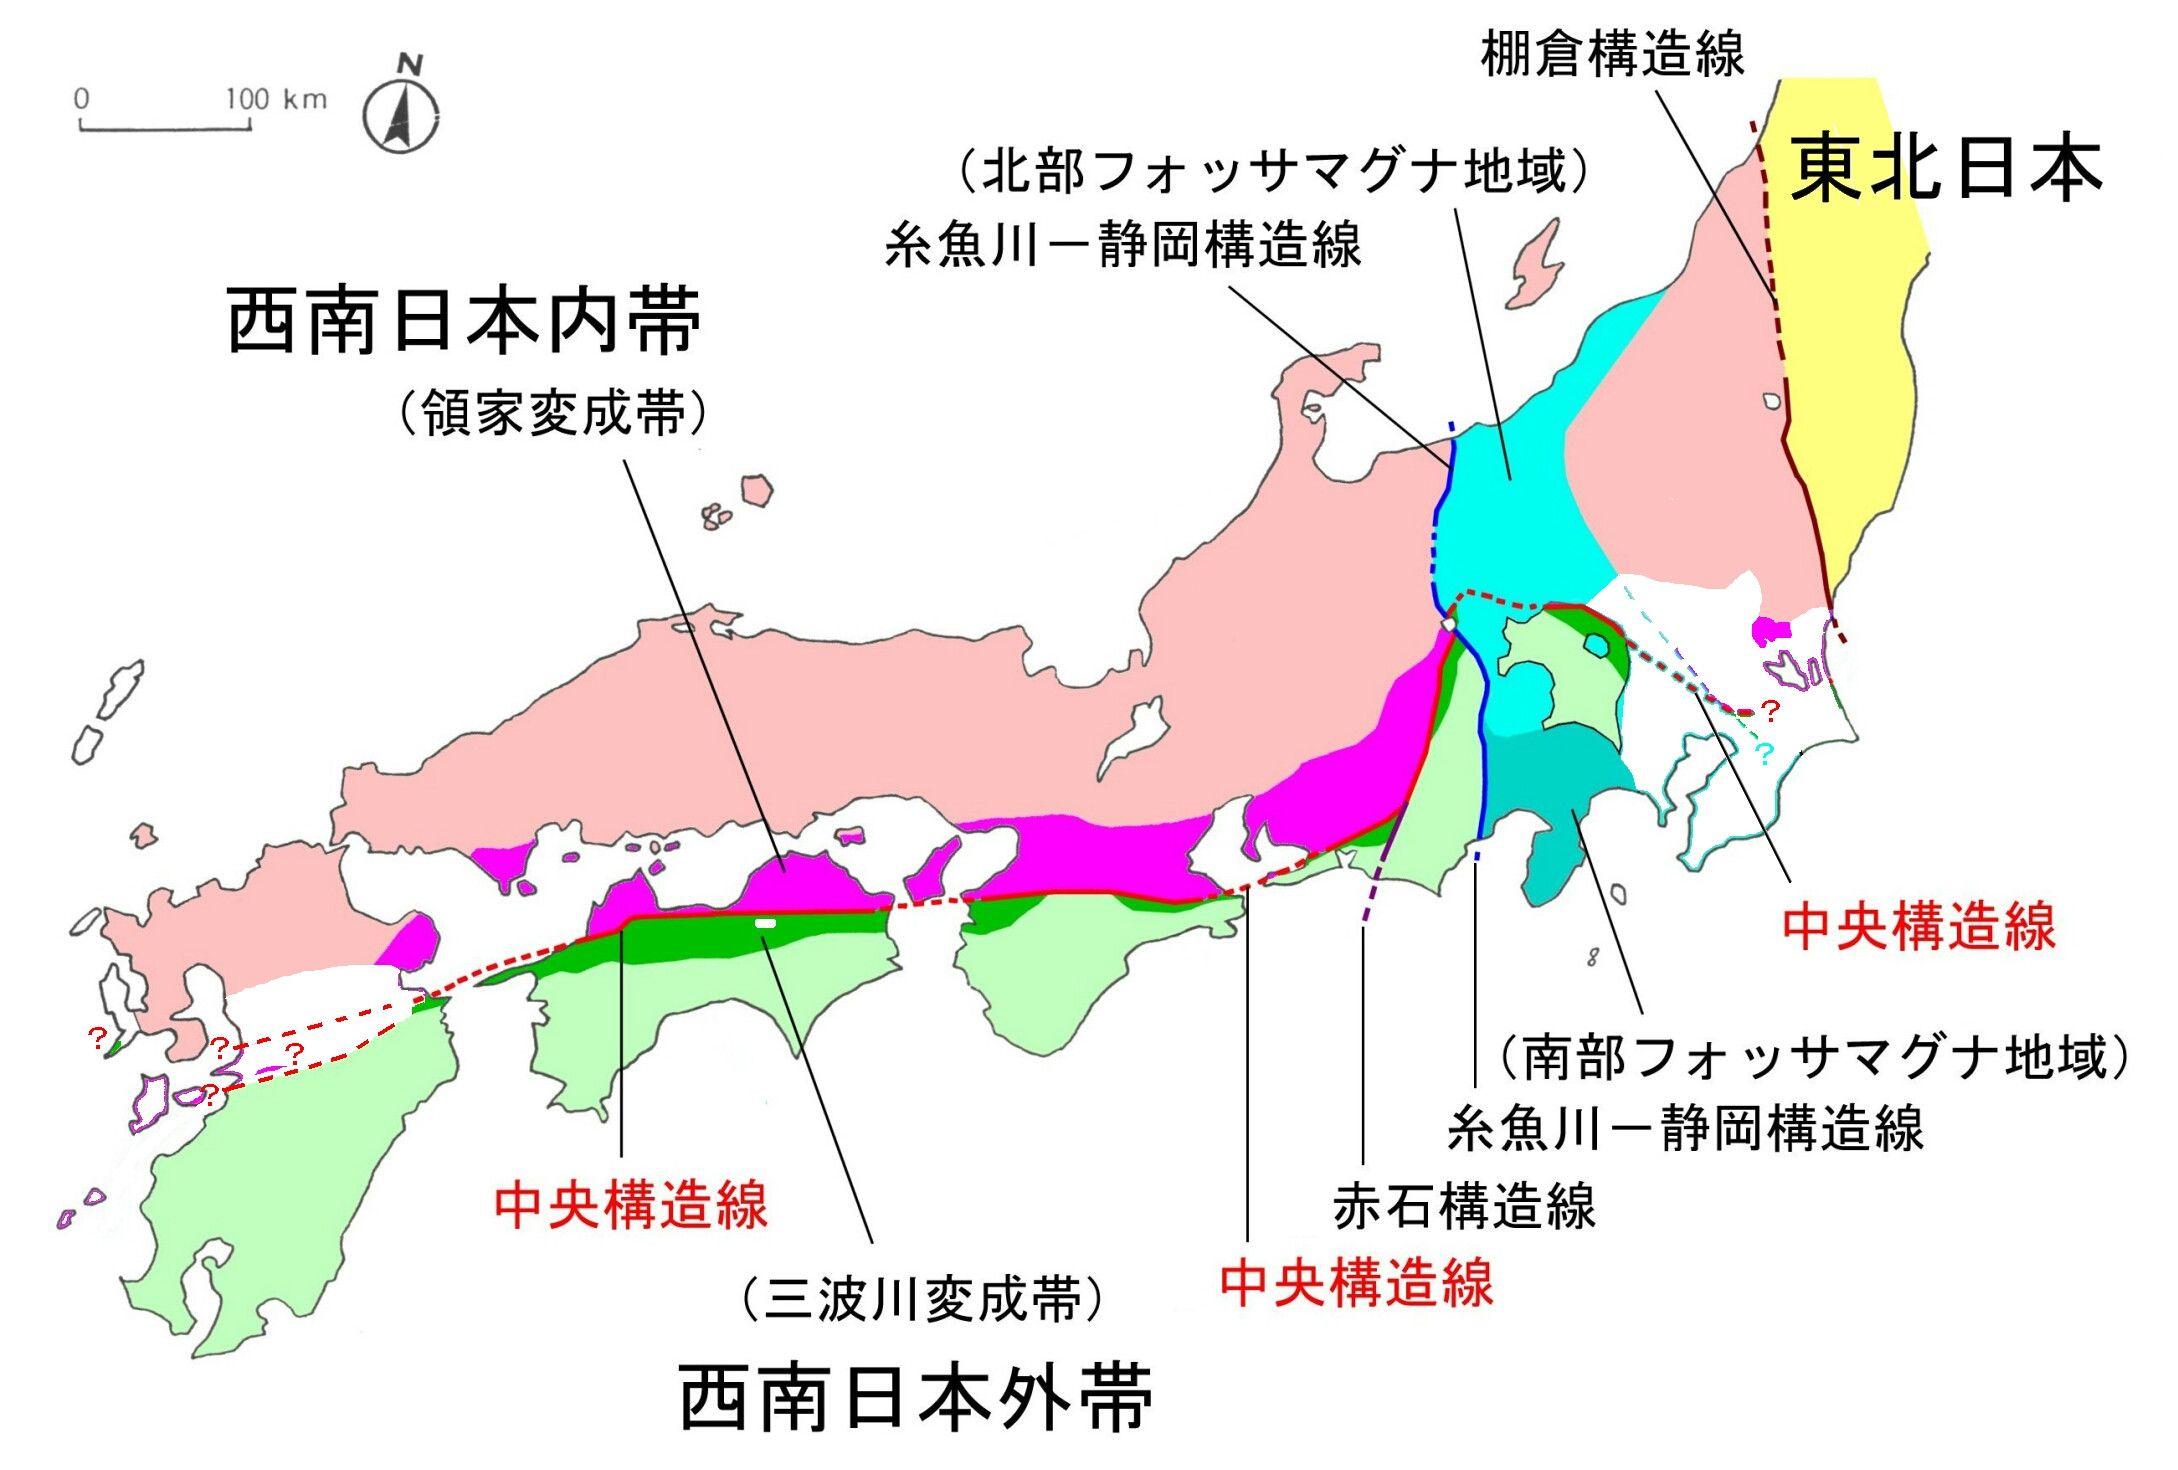 【メディアン】 中央構造線スレ 【ライン】